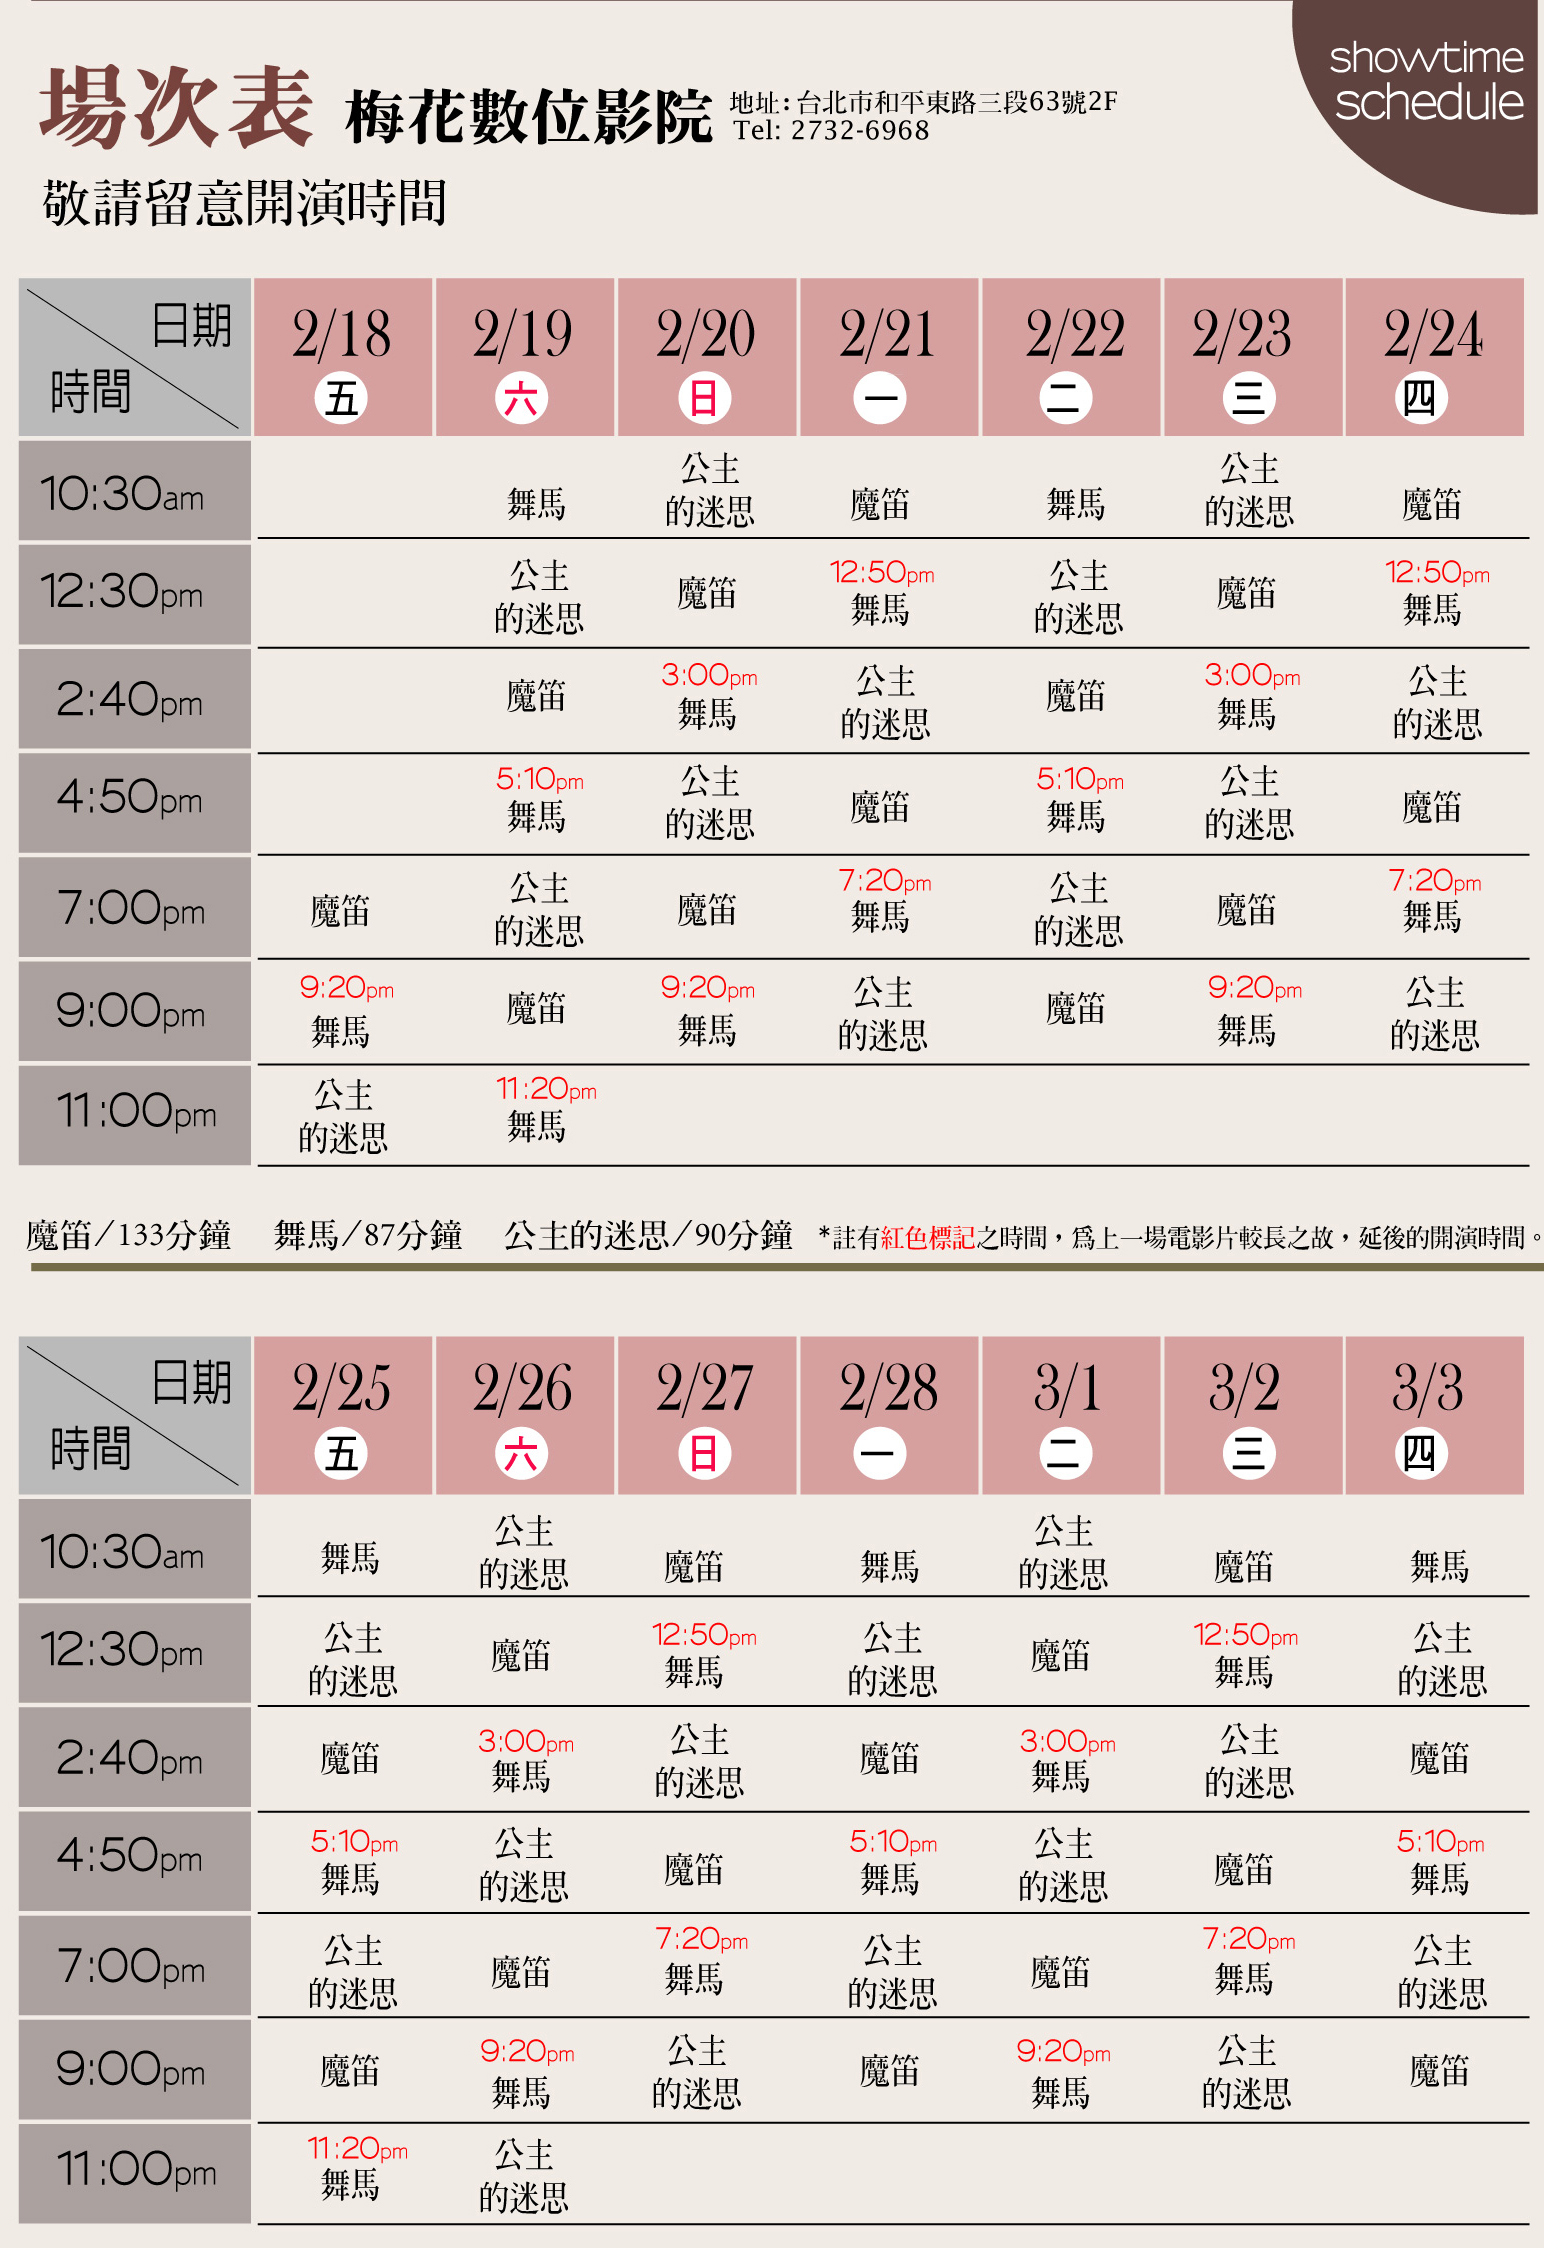 舞樂祭影展時刻表.jpg